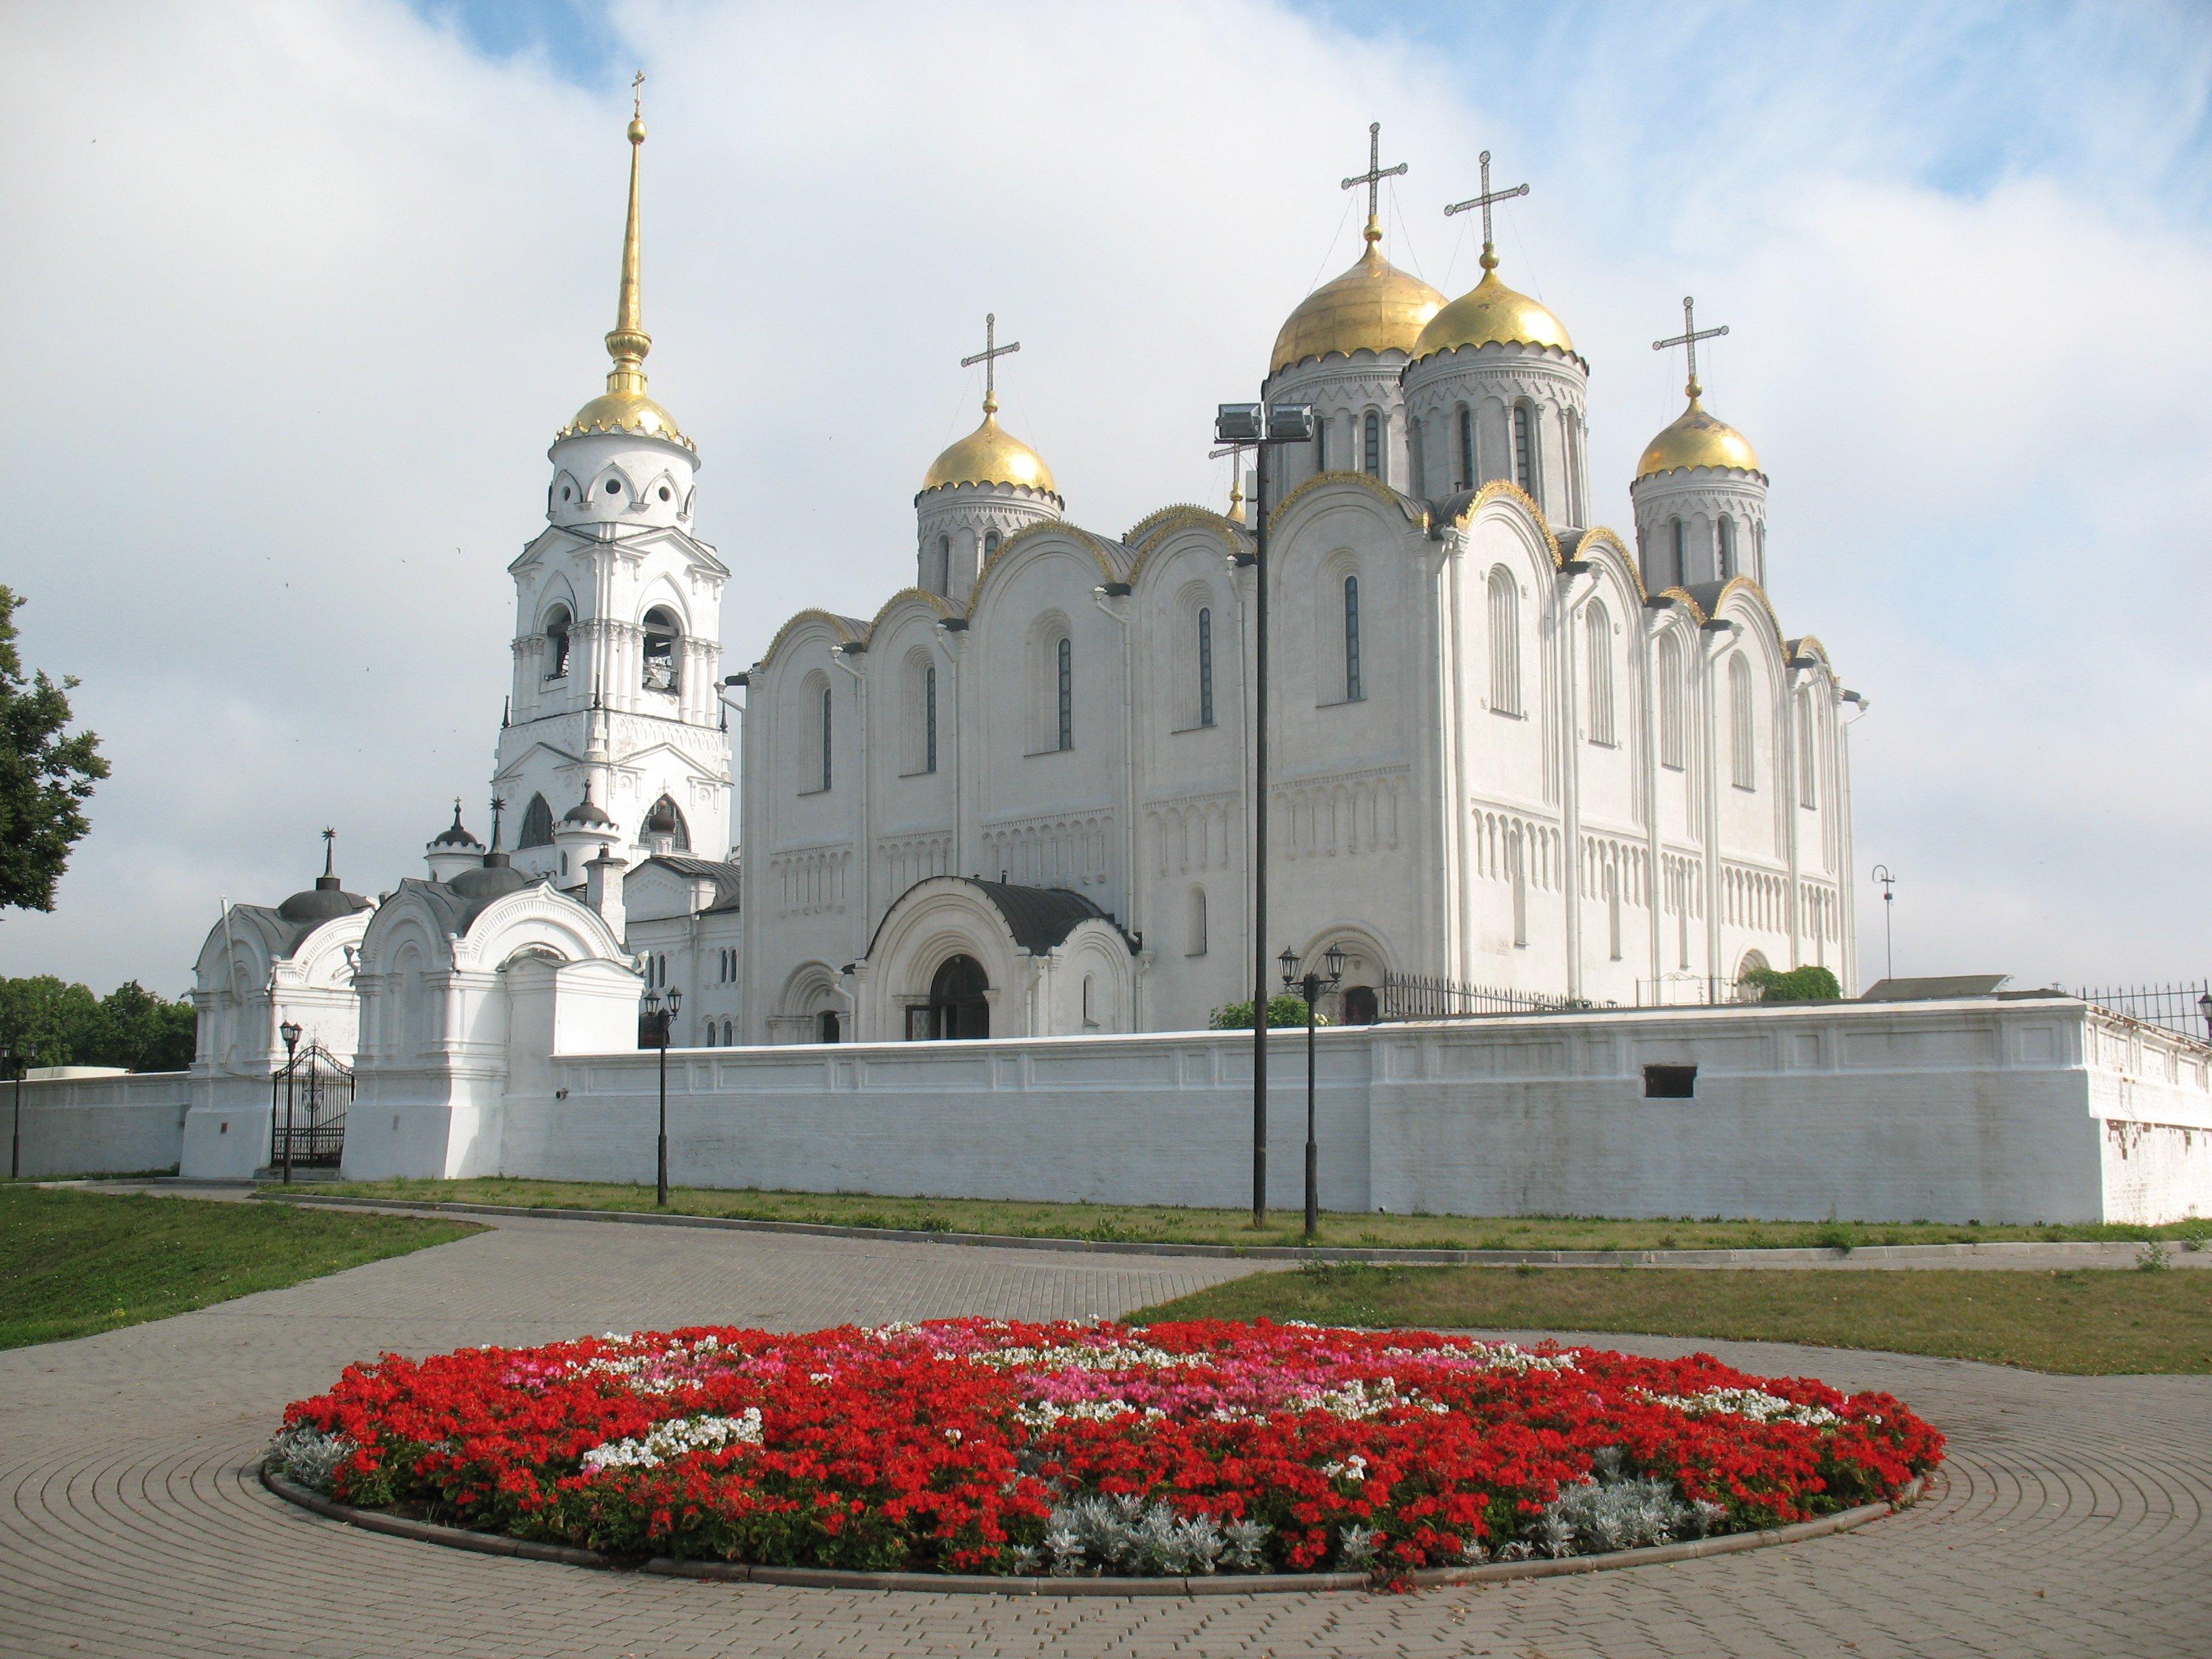 Список воинских частей Владимира и Владимирской области